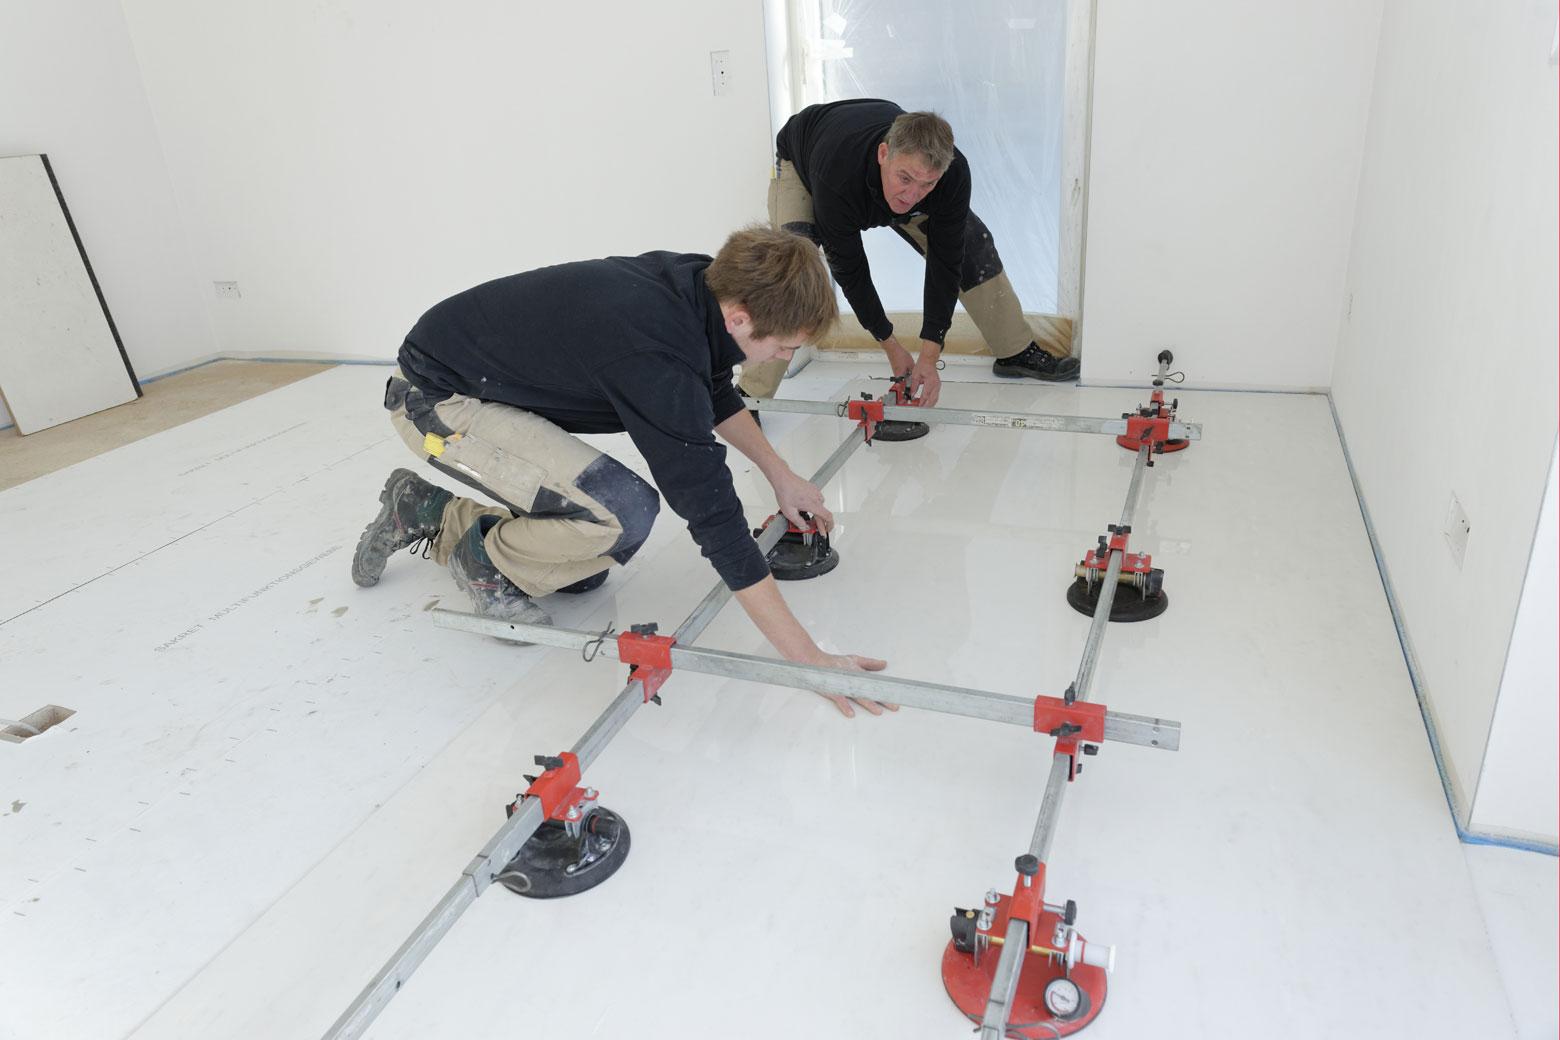 Großformat Fliesen werden mit Spezialwerkzeug im Wohnzimmer eingesetzt